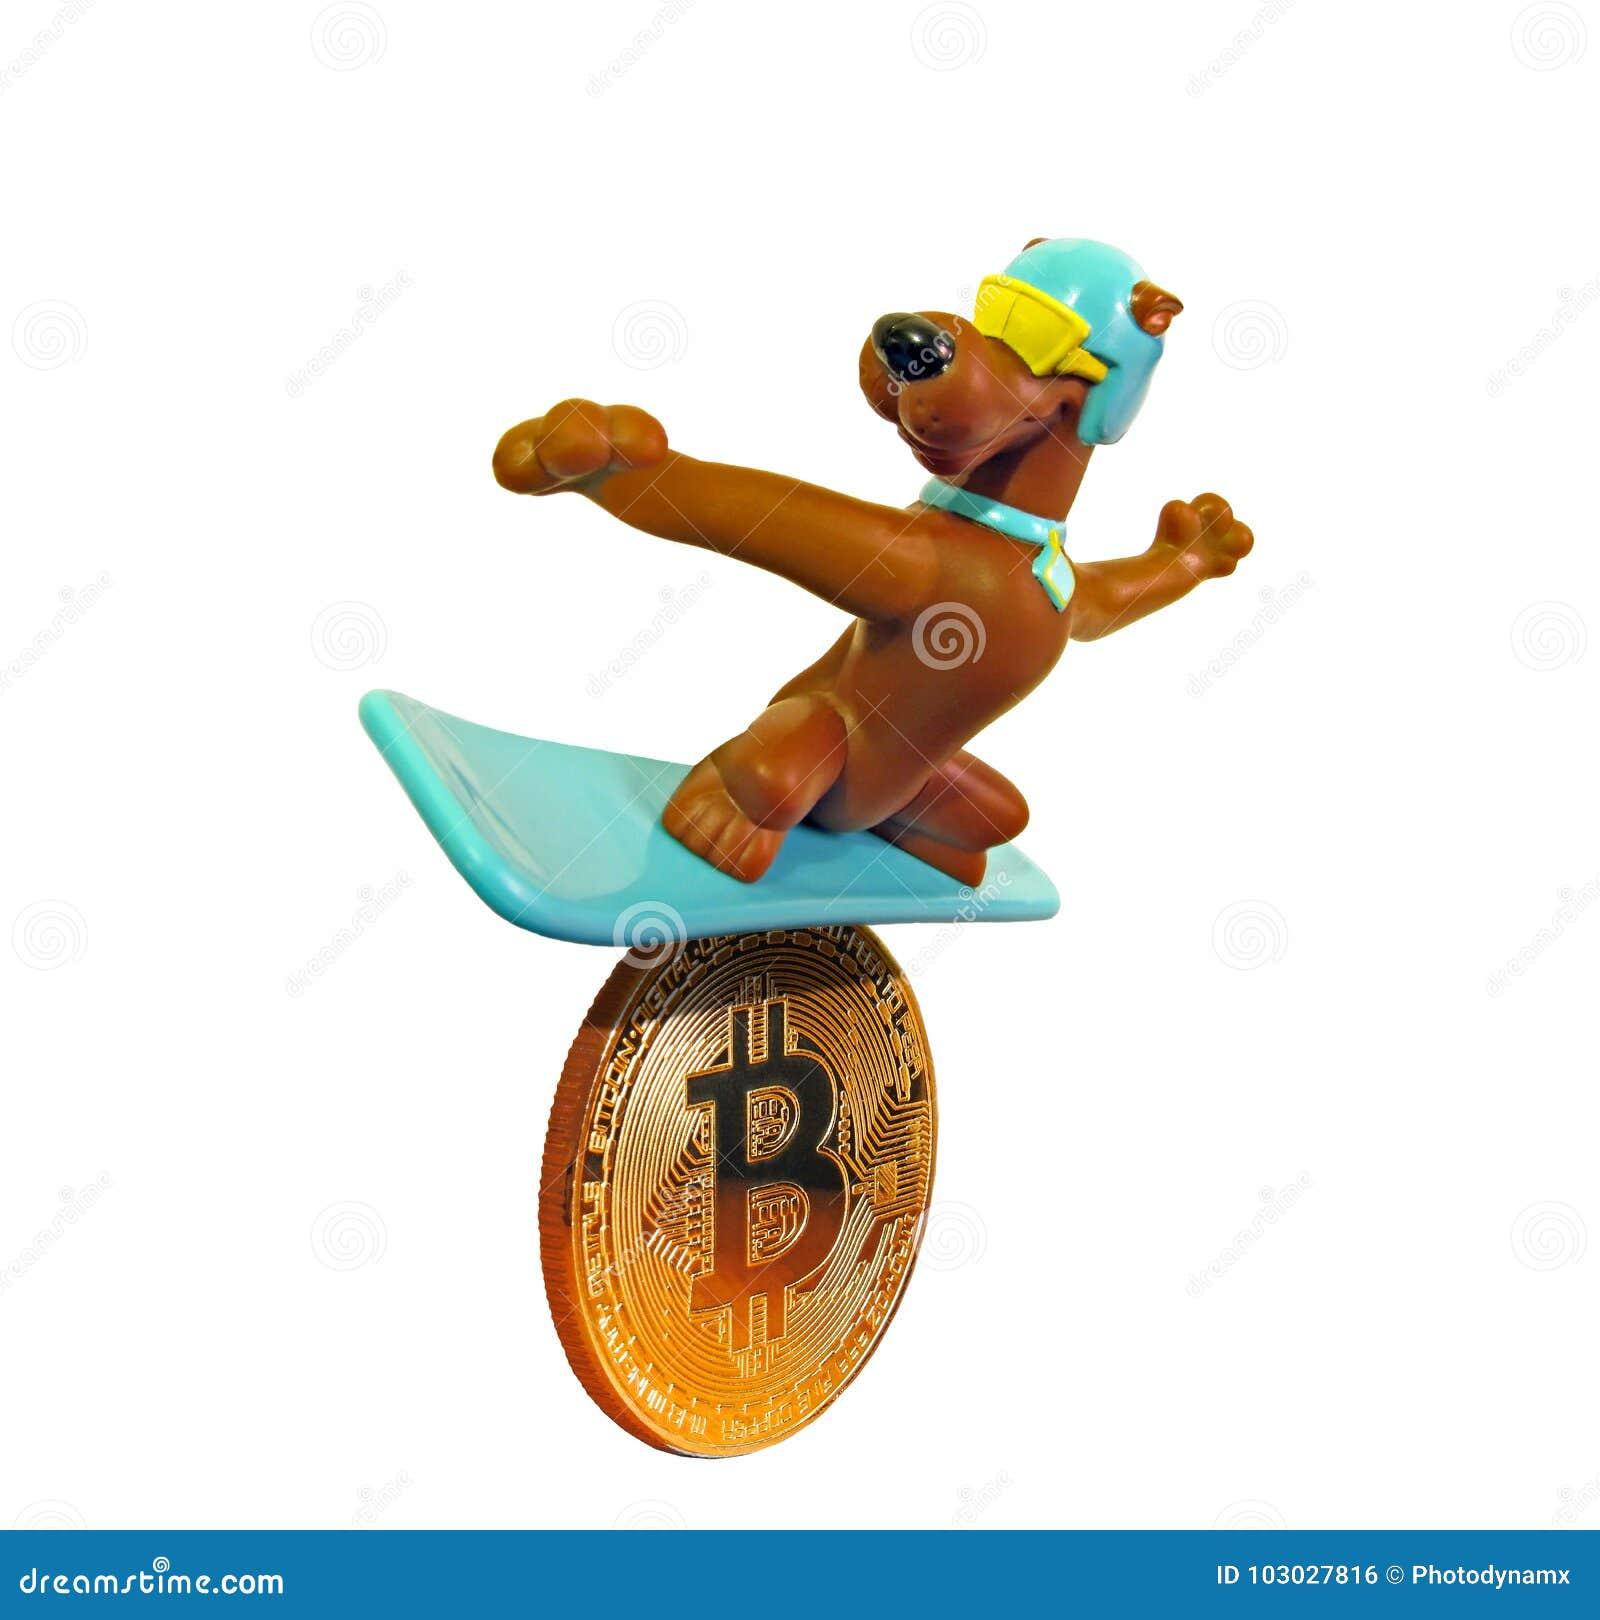 Surf.Finance SURF preț